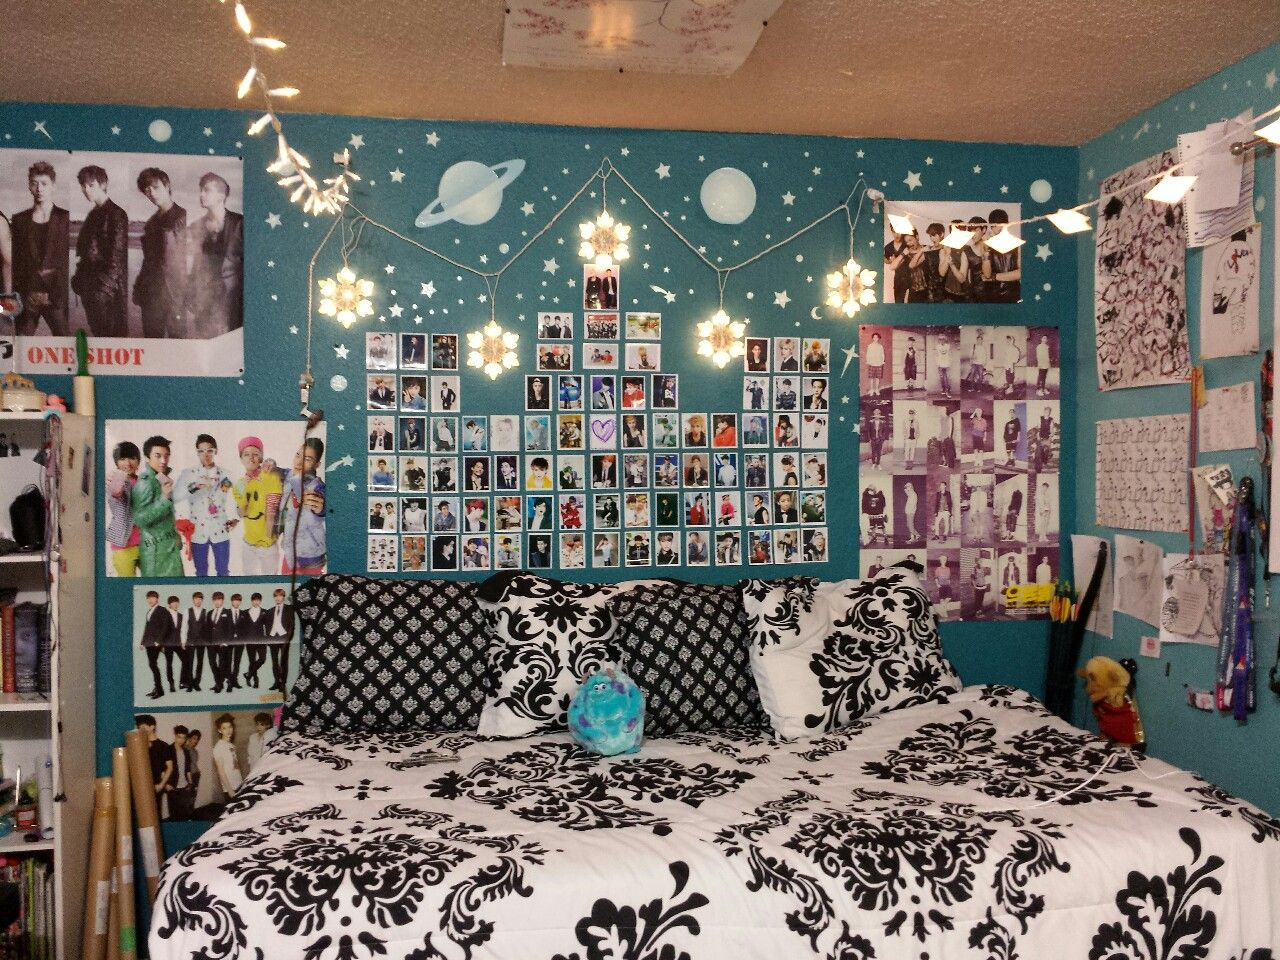 kpop bedroom - Google Search | Decoración de pared tumblr ... on Room Decor Ideas De Cuartos Aesthetic id=45672